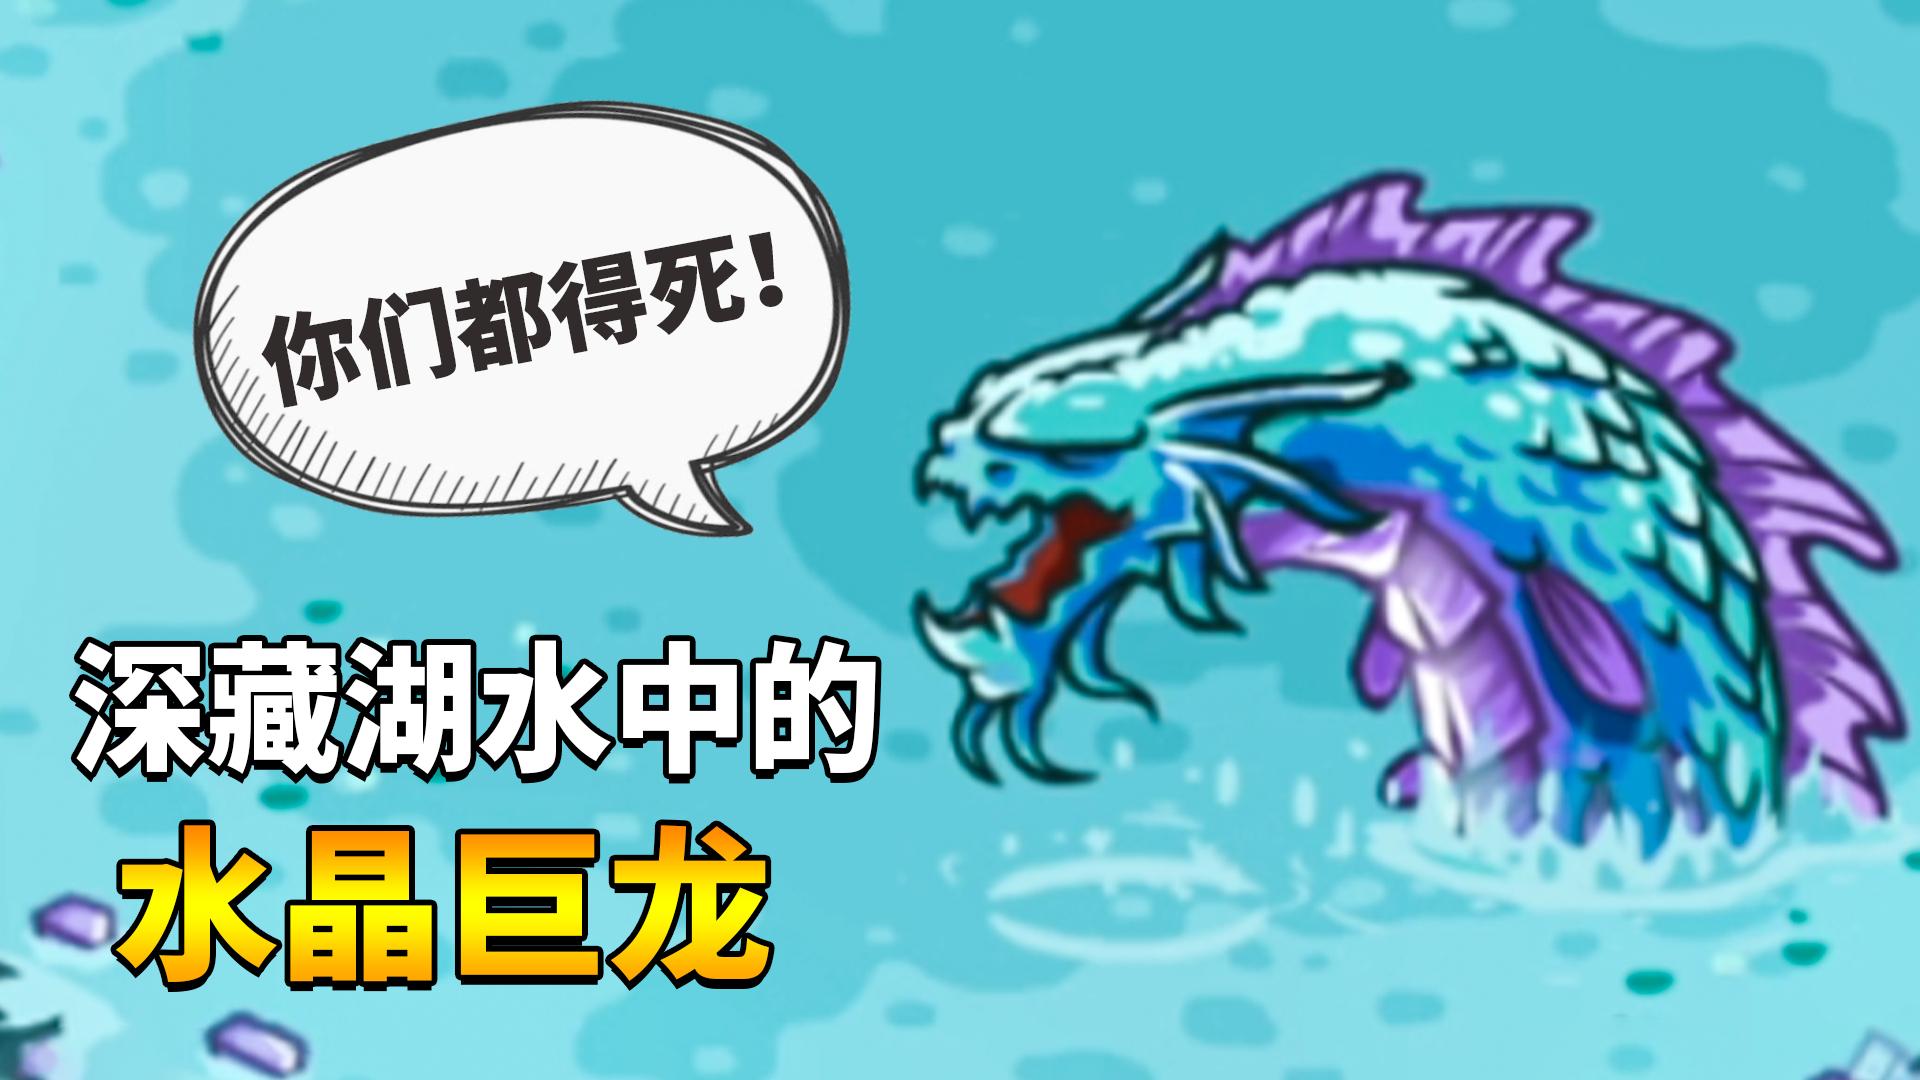 王国保卫战起源07:藏匿于湖水中的水晶巨龙,千万不要惊扰它!